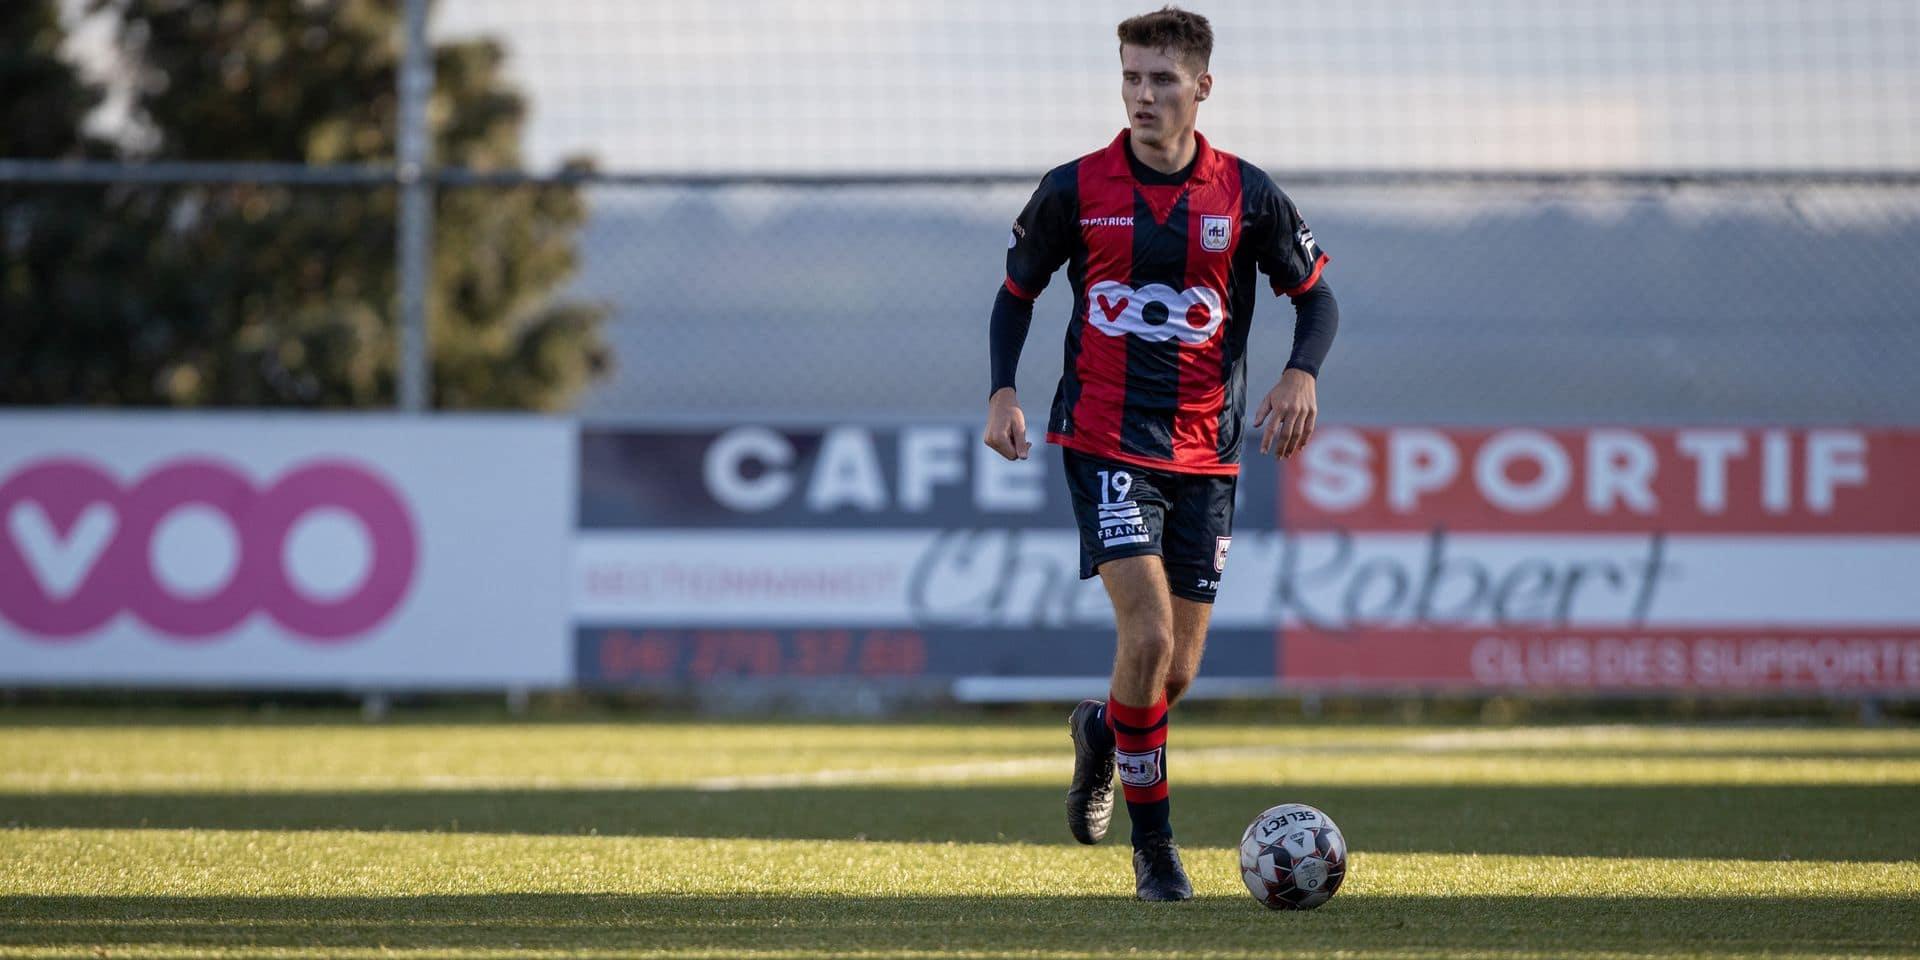 """Jordan Bustin veut grandir avec le RFC Liège: """"Je n'ai pas l'expérience d'un vieux briscard"""""""